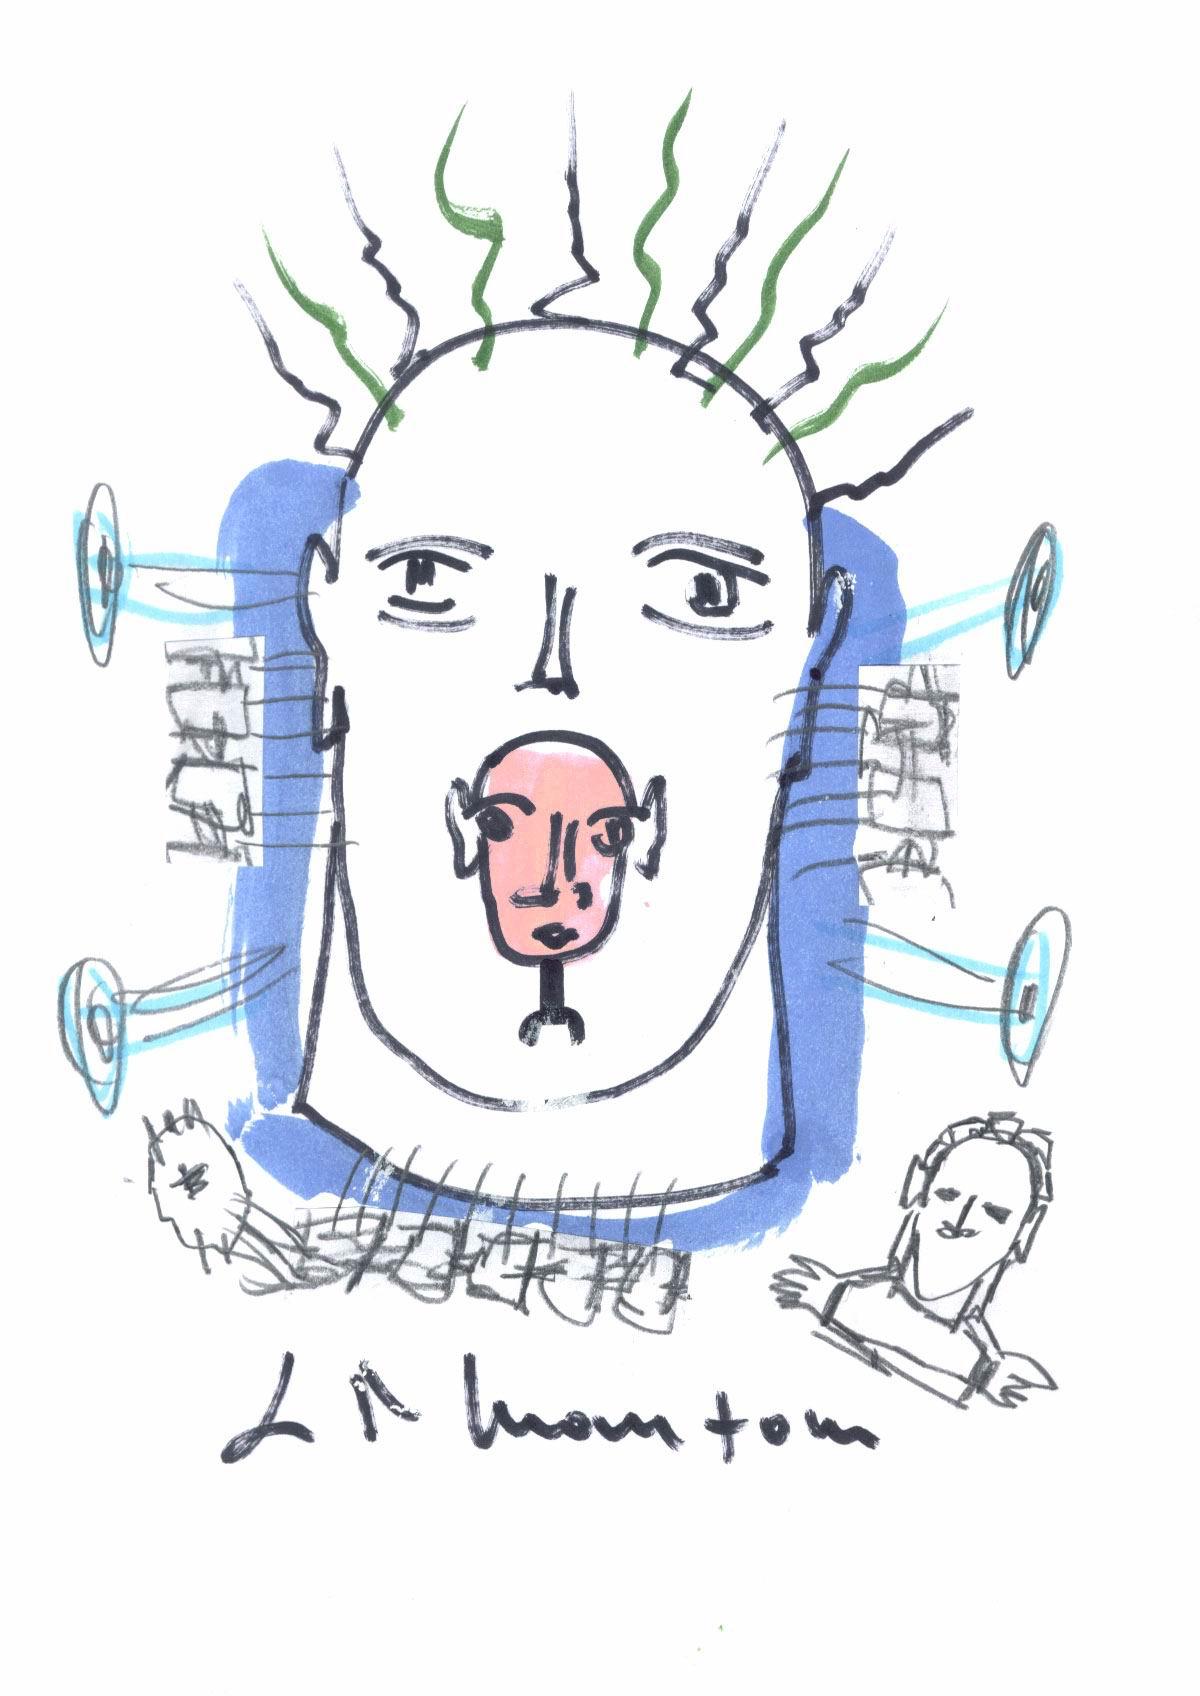 Disegno di Gian Ruggero Manzoni